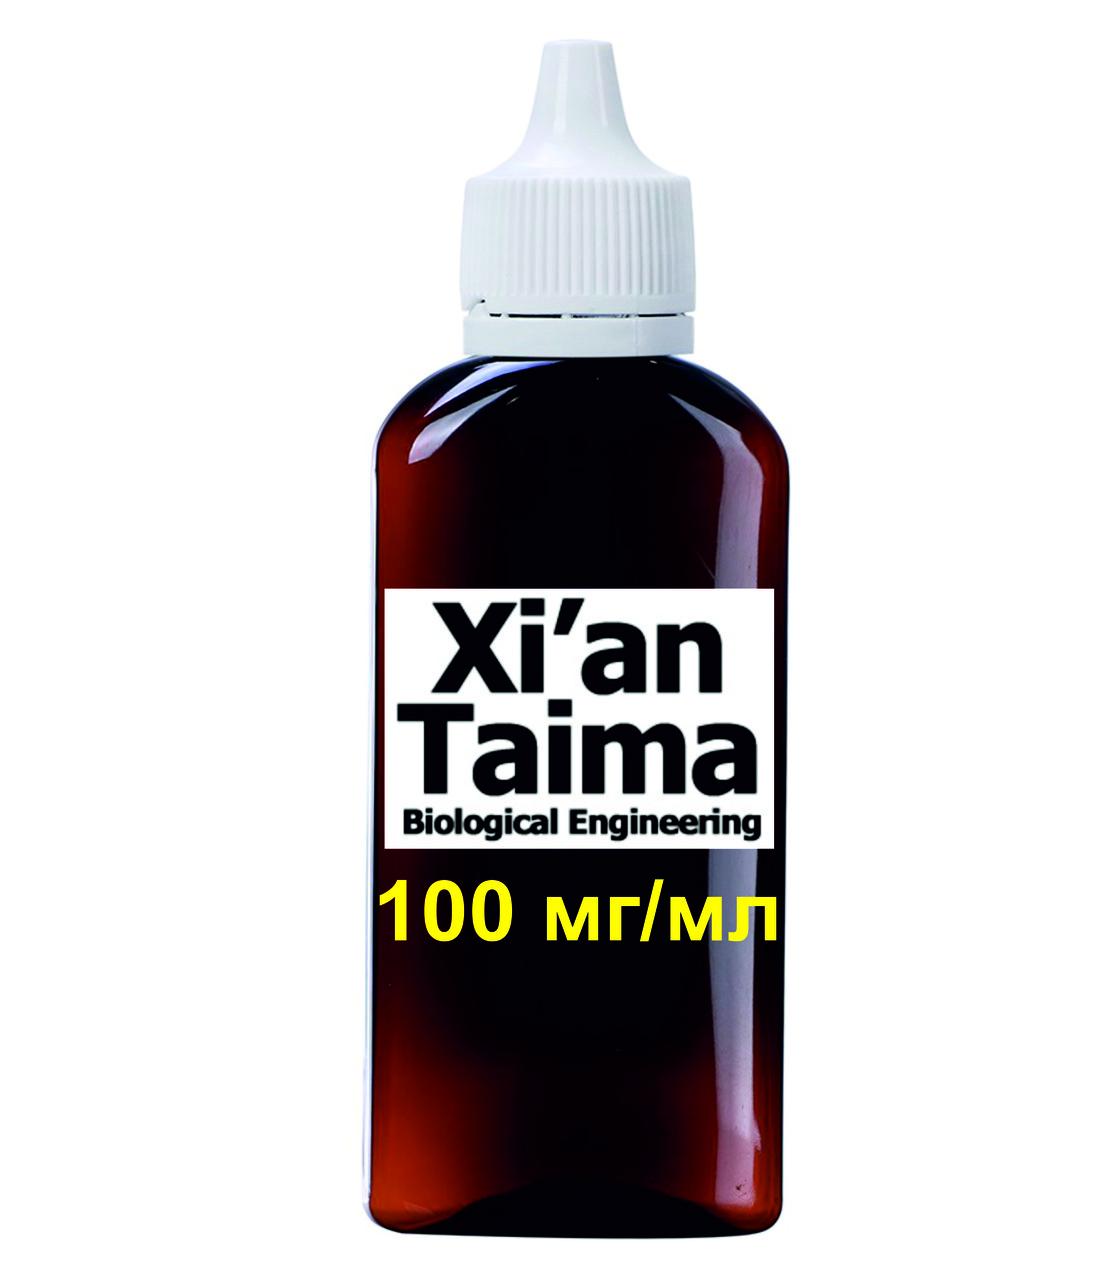 Сотка для жидкости 100 мг/мл Xian Taima концентрат оптом и в розницу